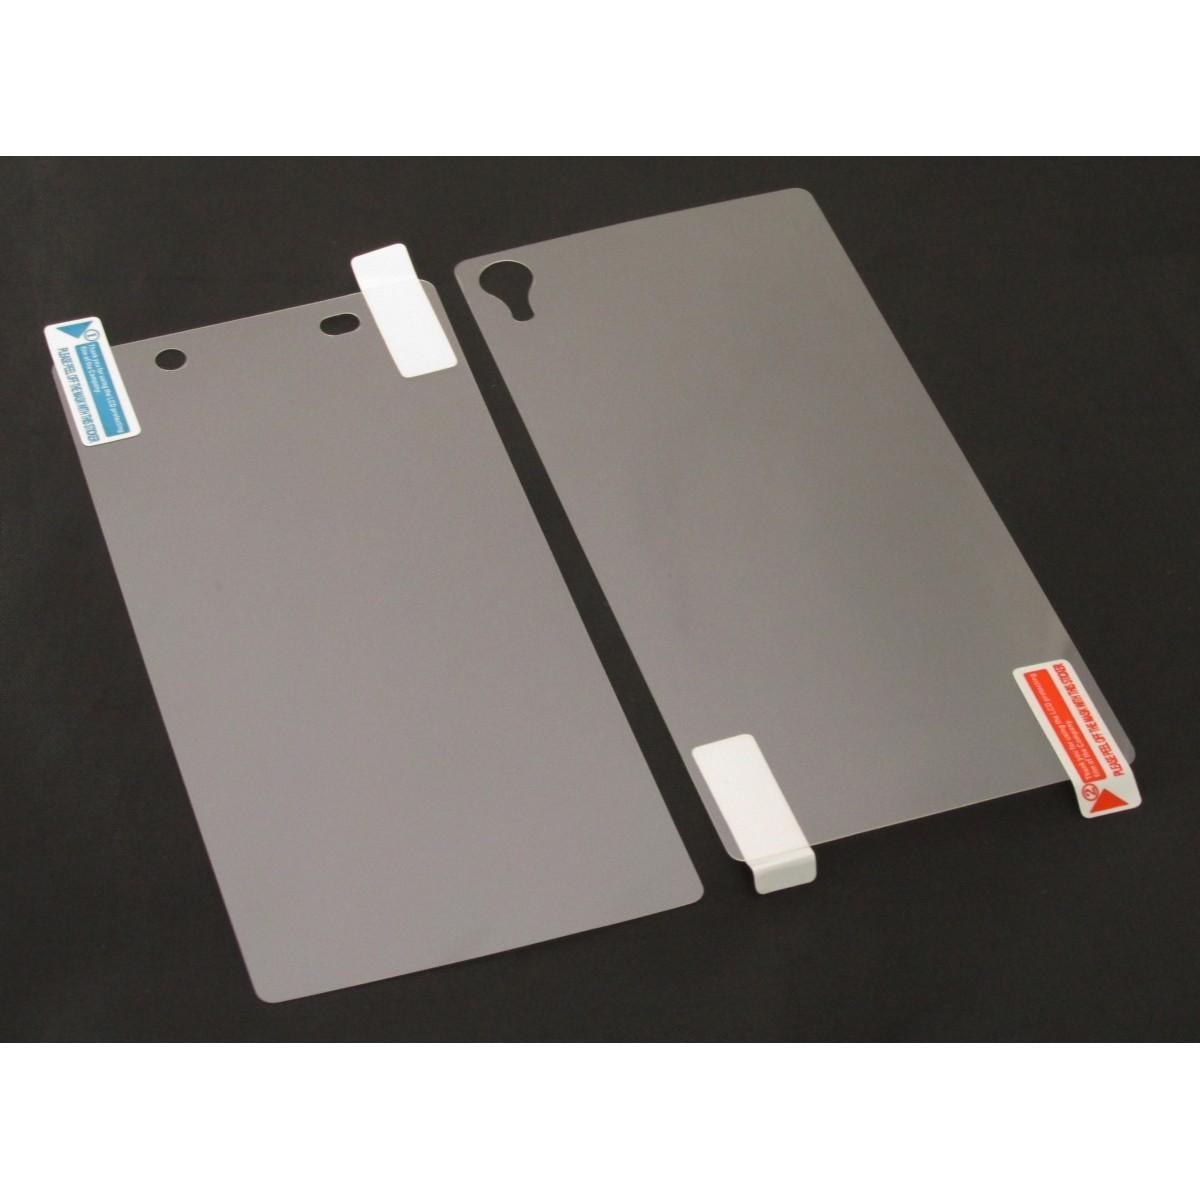 Pelicula Protetora para Sony Xperia Z2 D6502 D6503 D6543 Frente e Verso Fosca